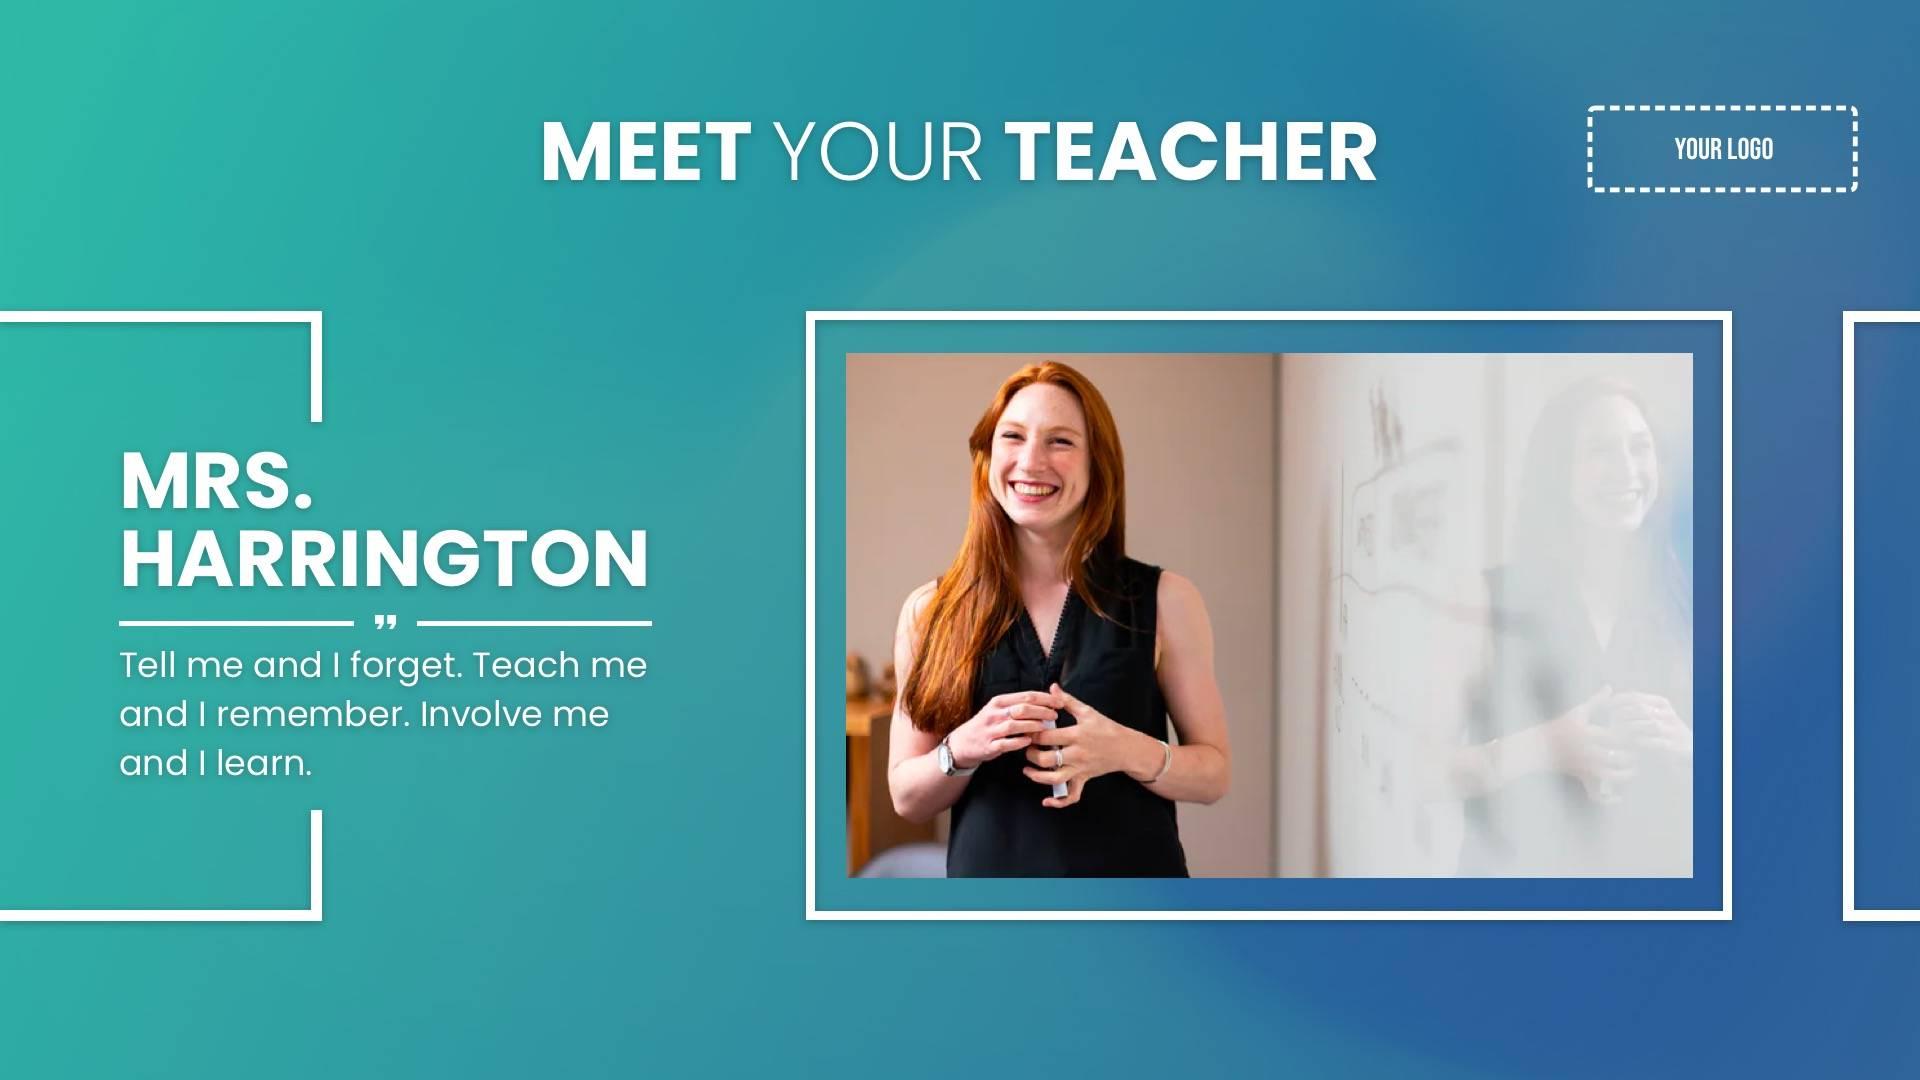 Meet Your Teacher Digital Signage Template